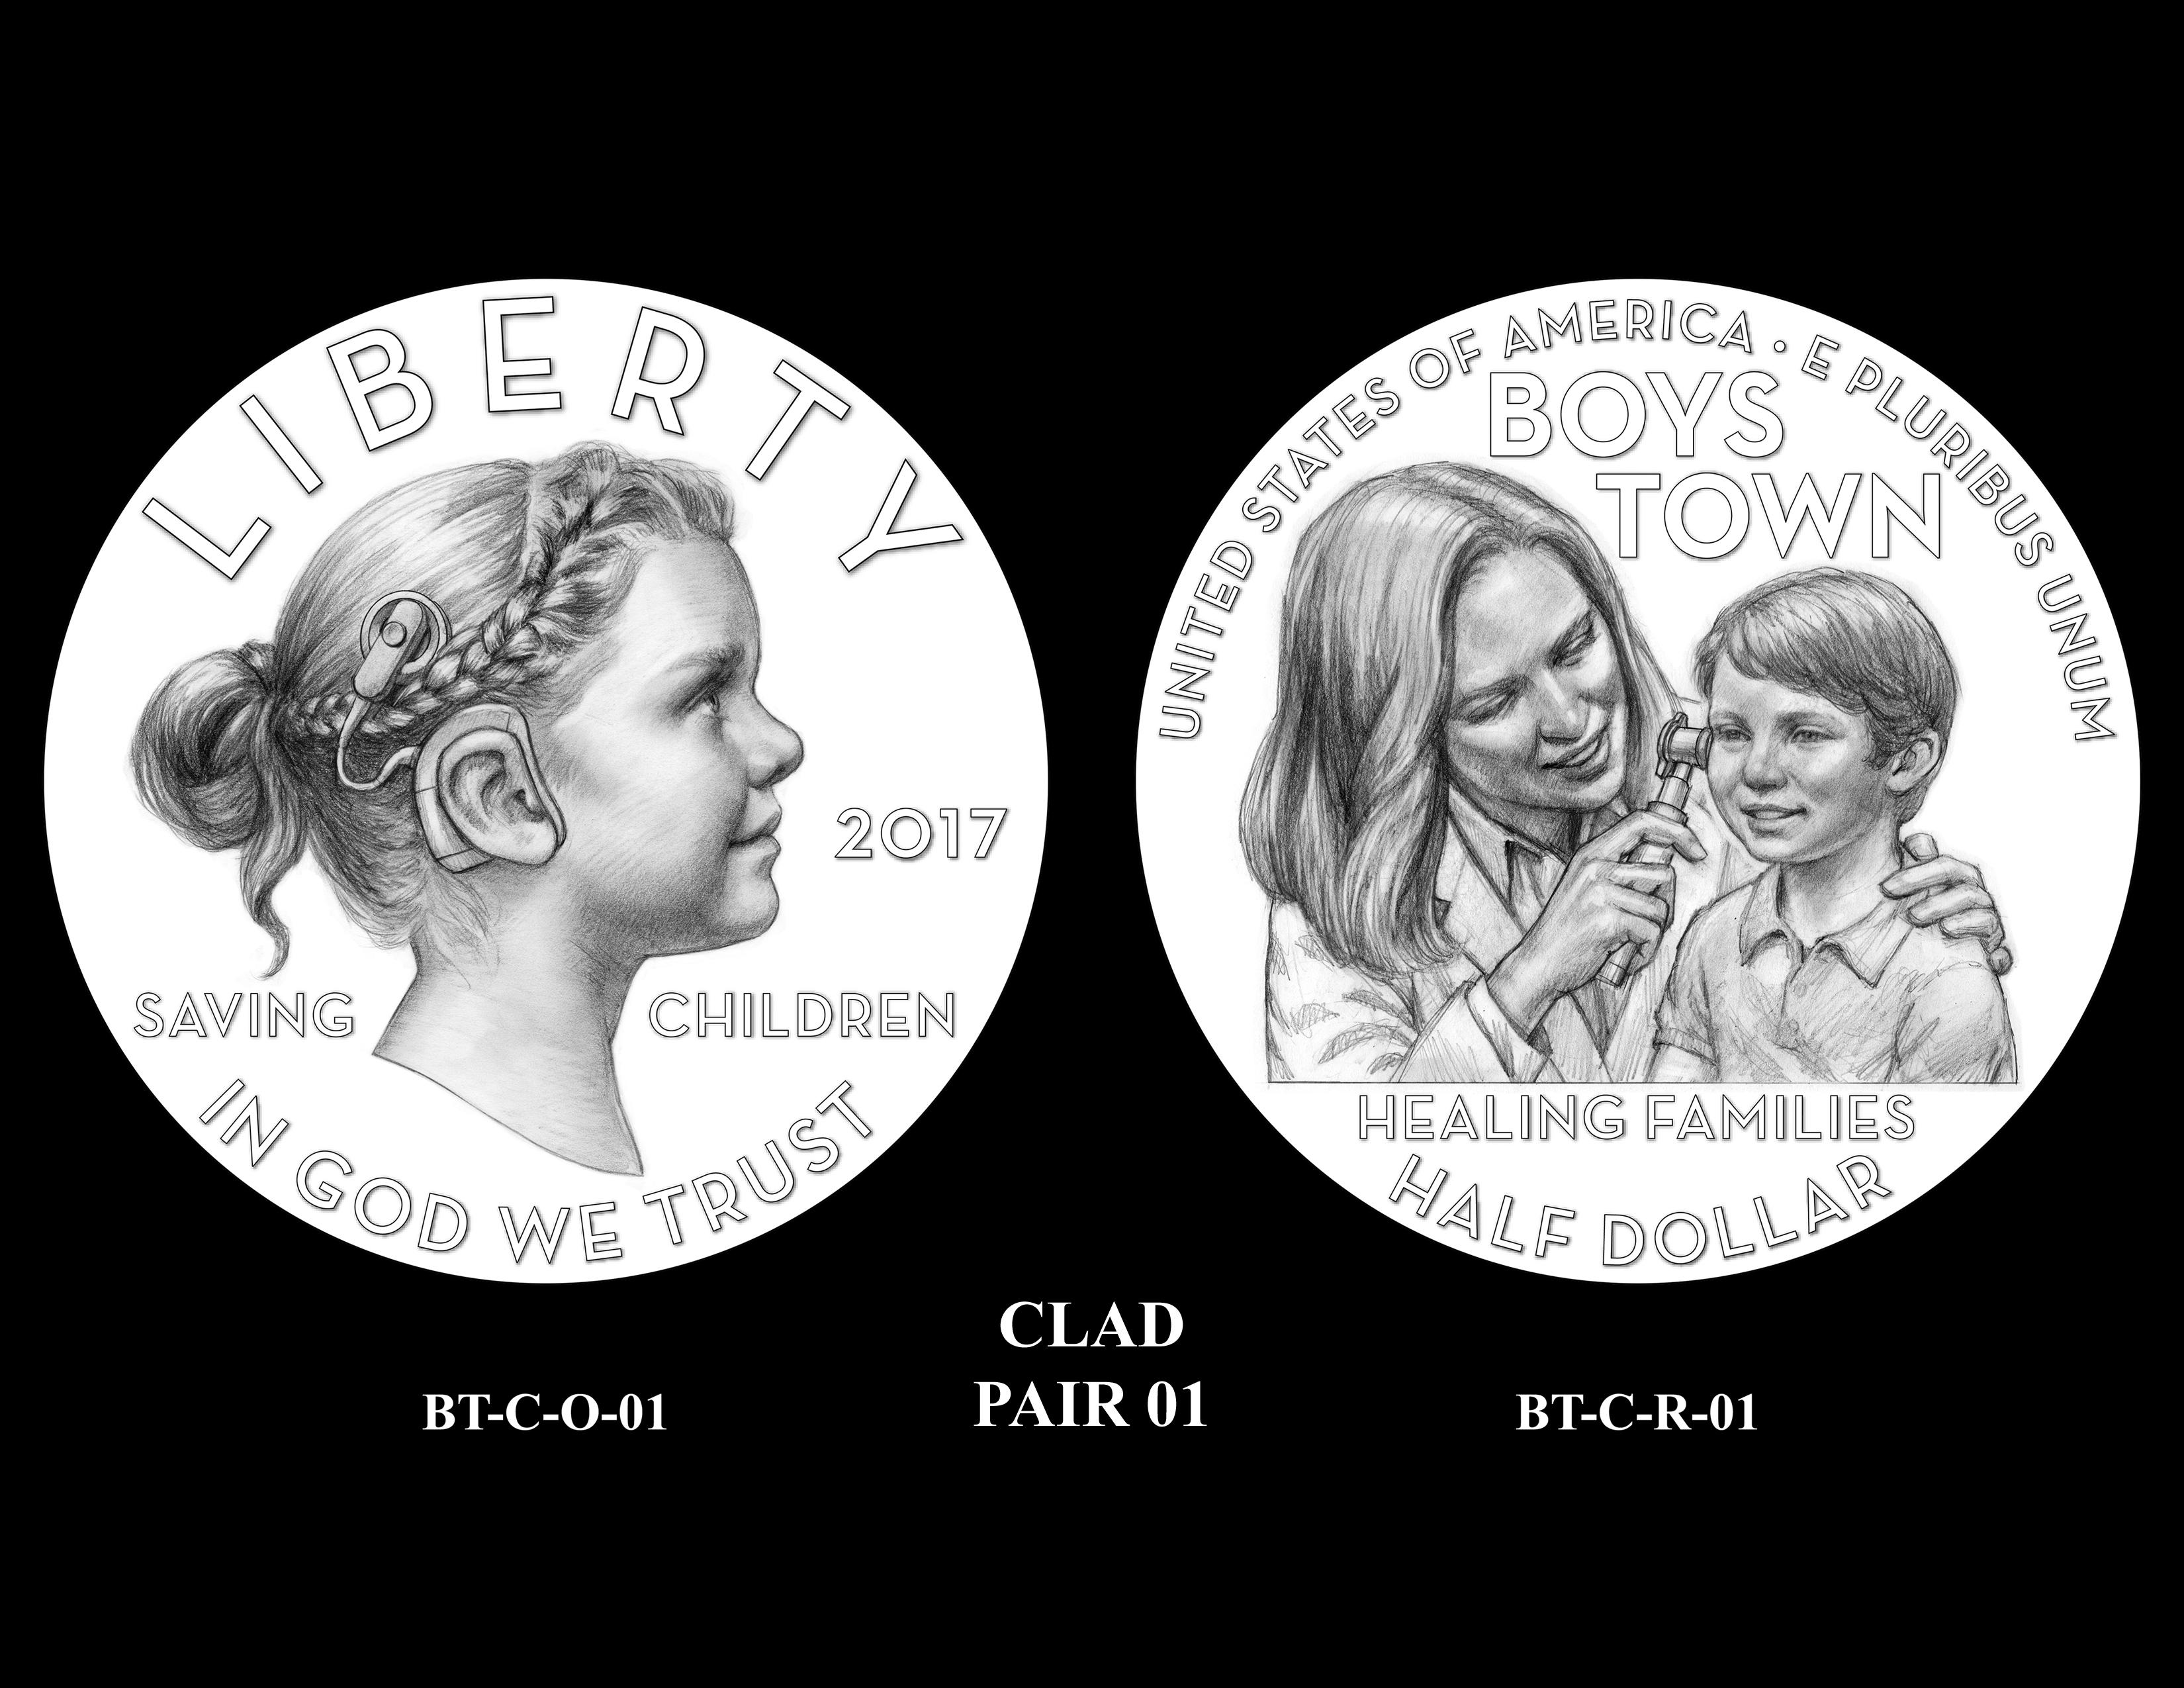 clad-pair-01_25584810072_o